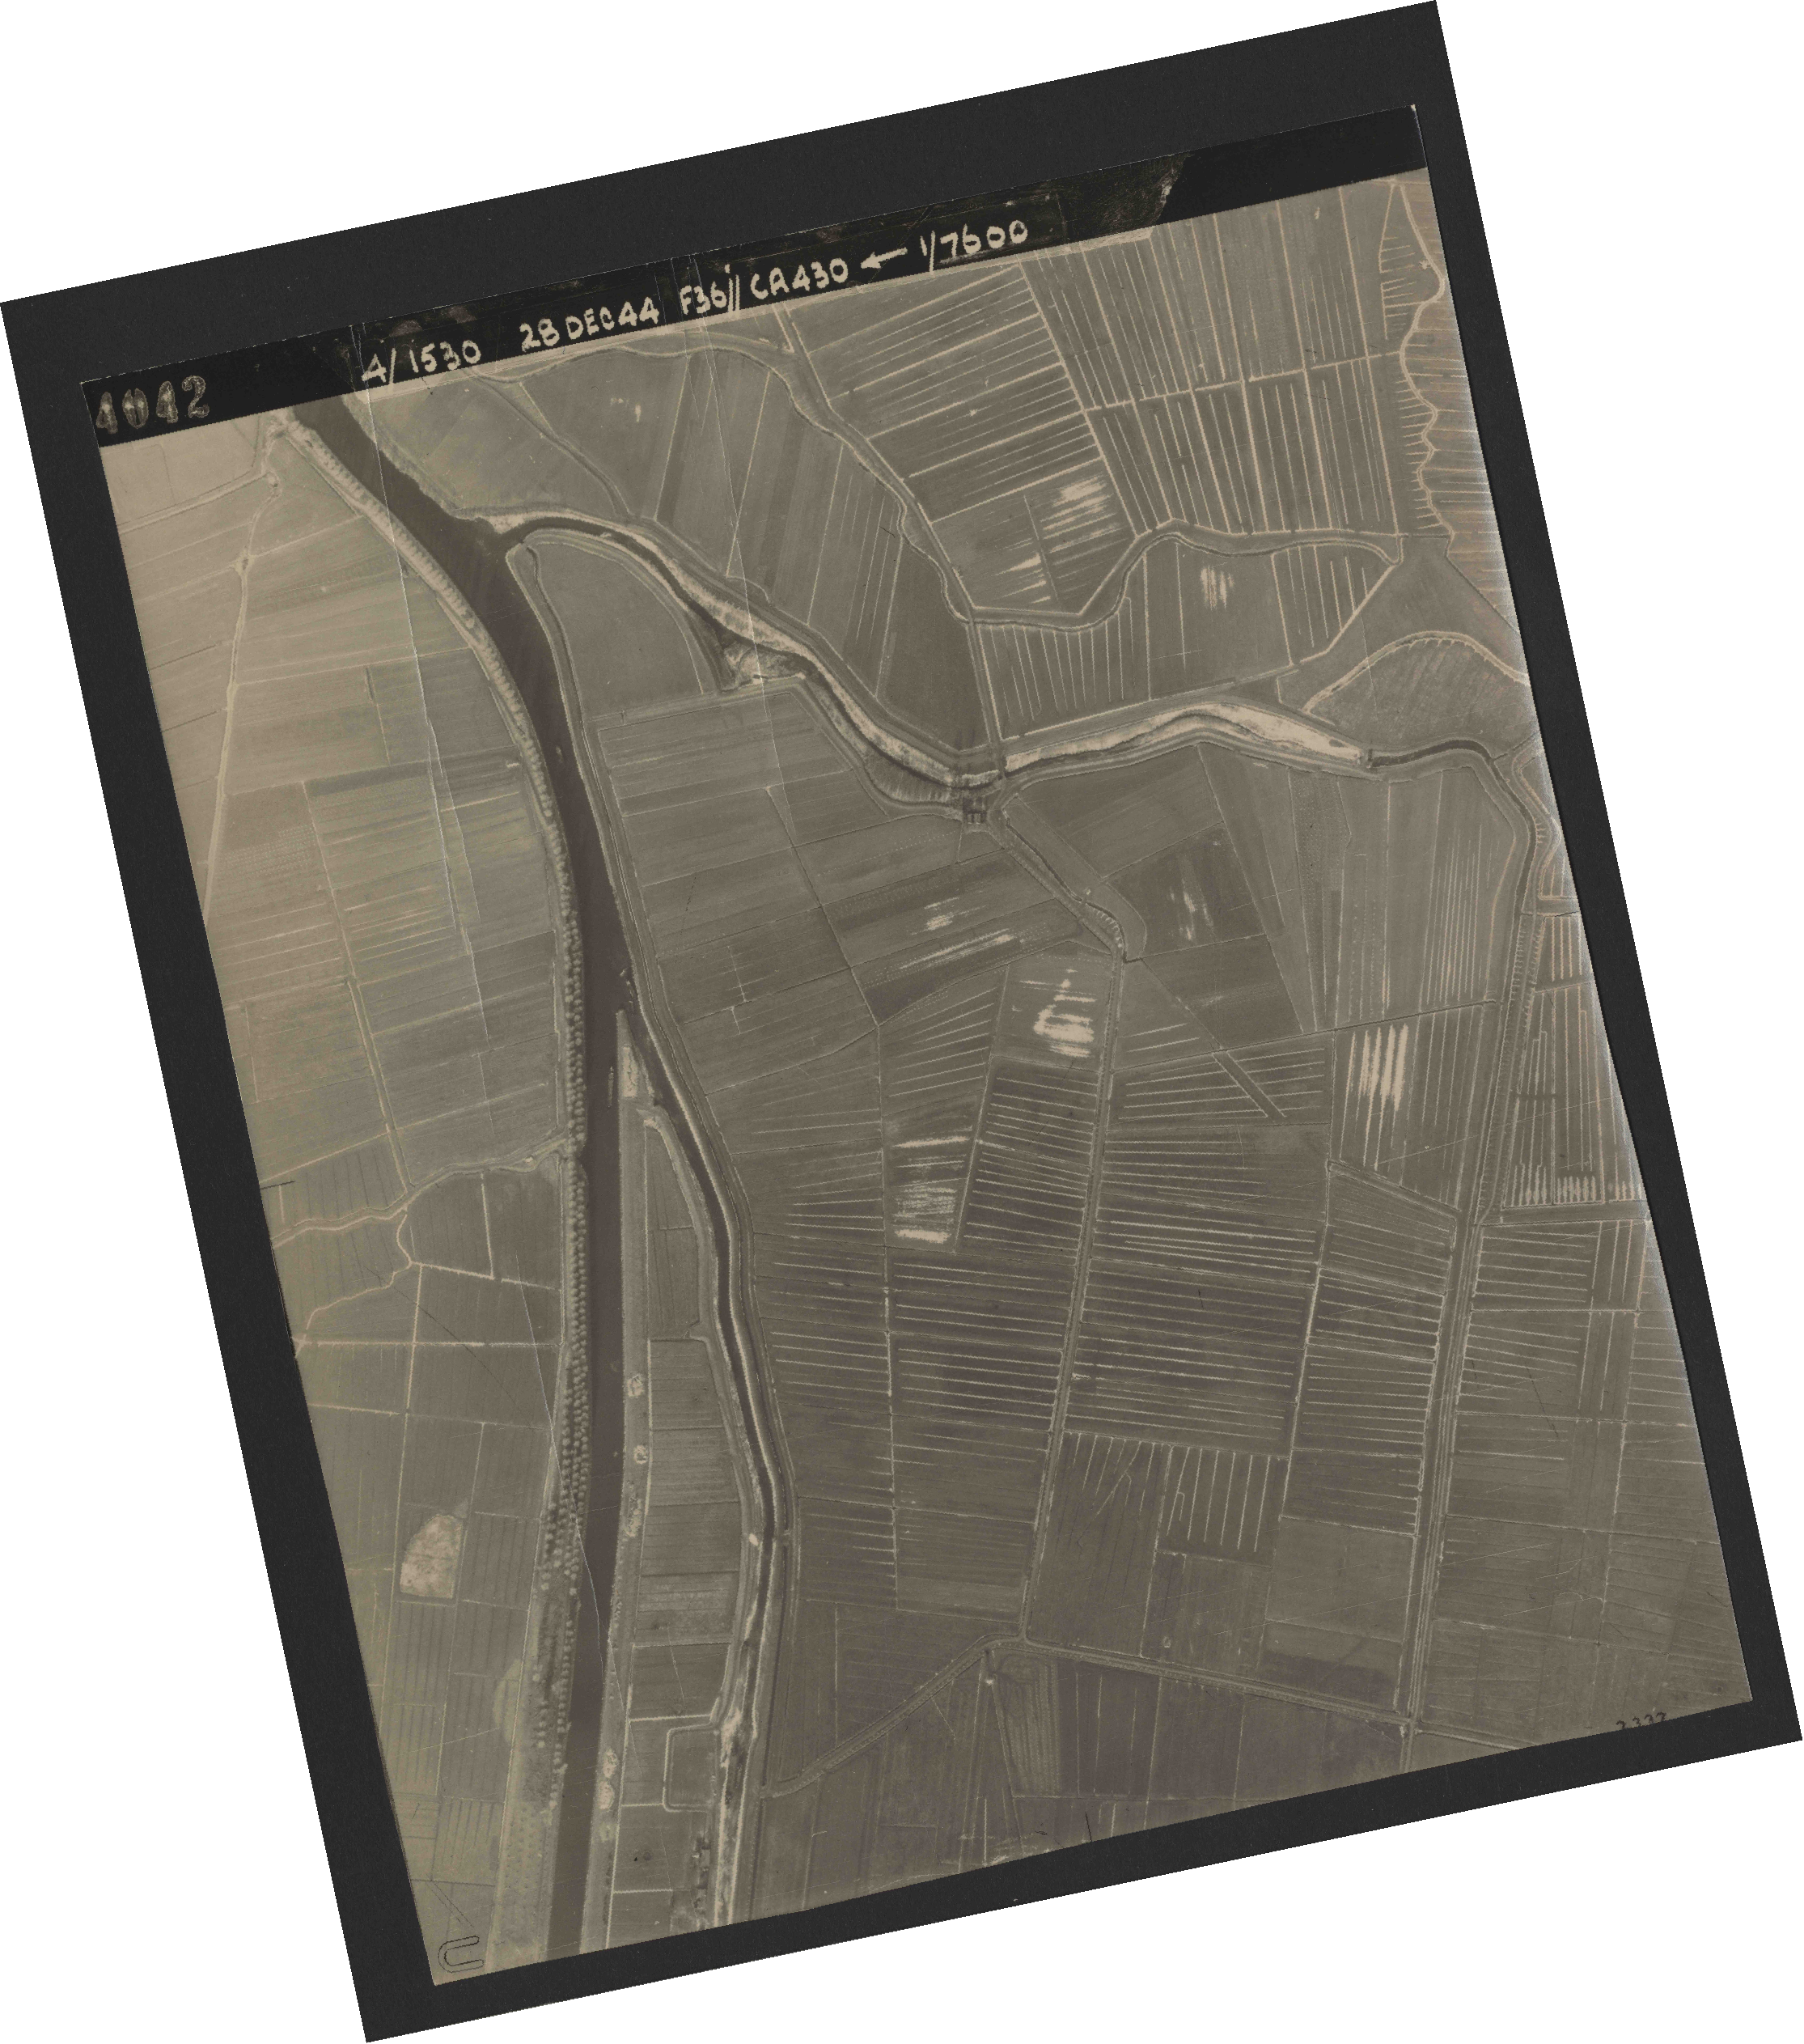 Collection RAF aerial photos 1940-1945 - flight 050, run 05, photo 4042